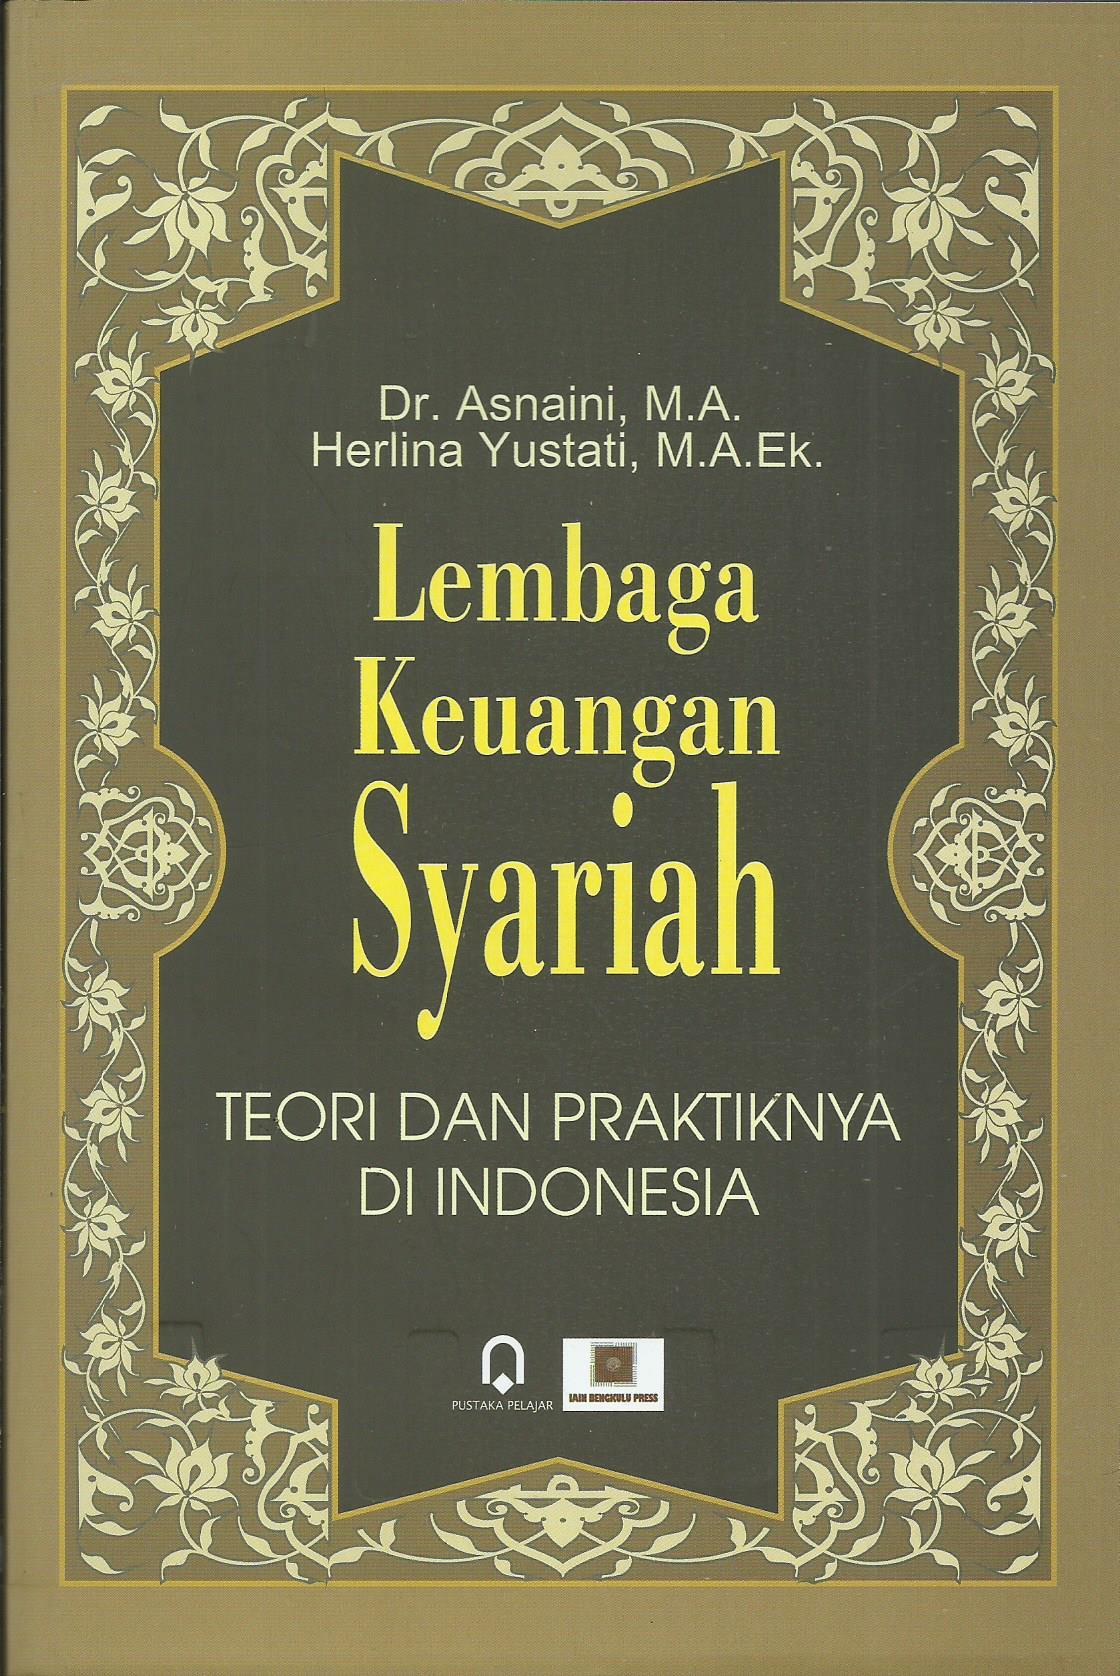 Lembaga Keuangan Syariah (Teori Dan Praktiknya Di Indonesia)